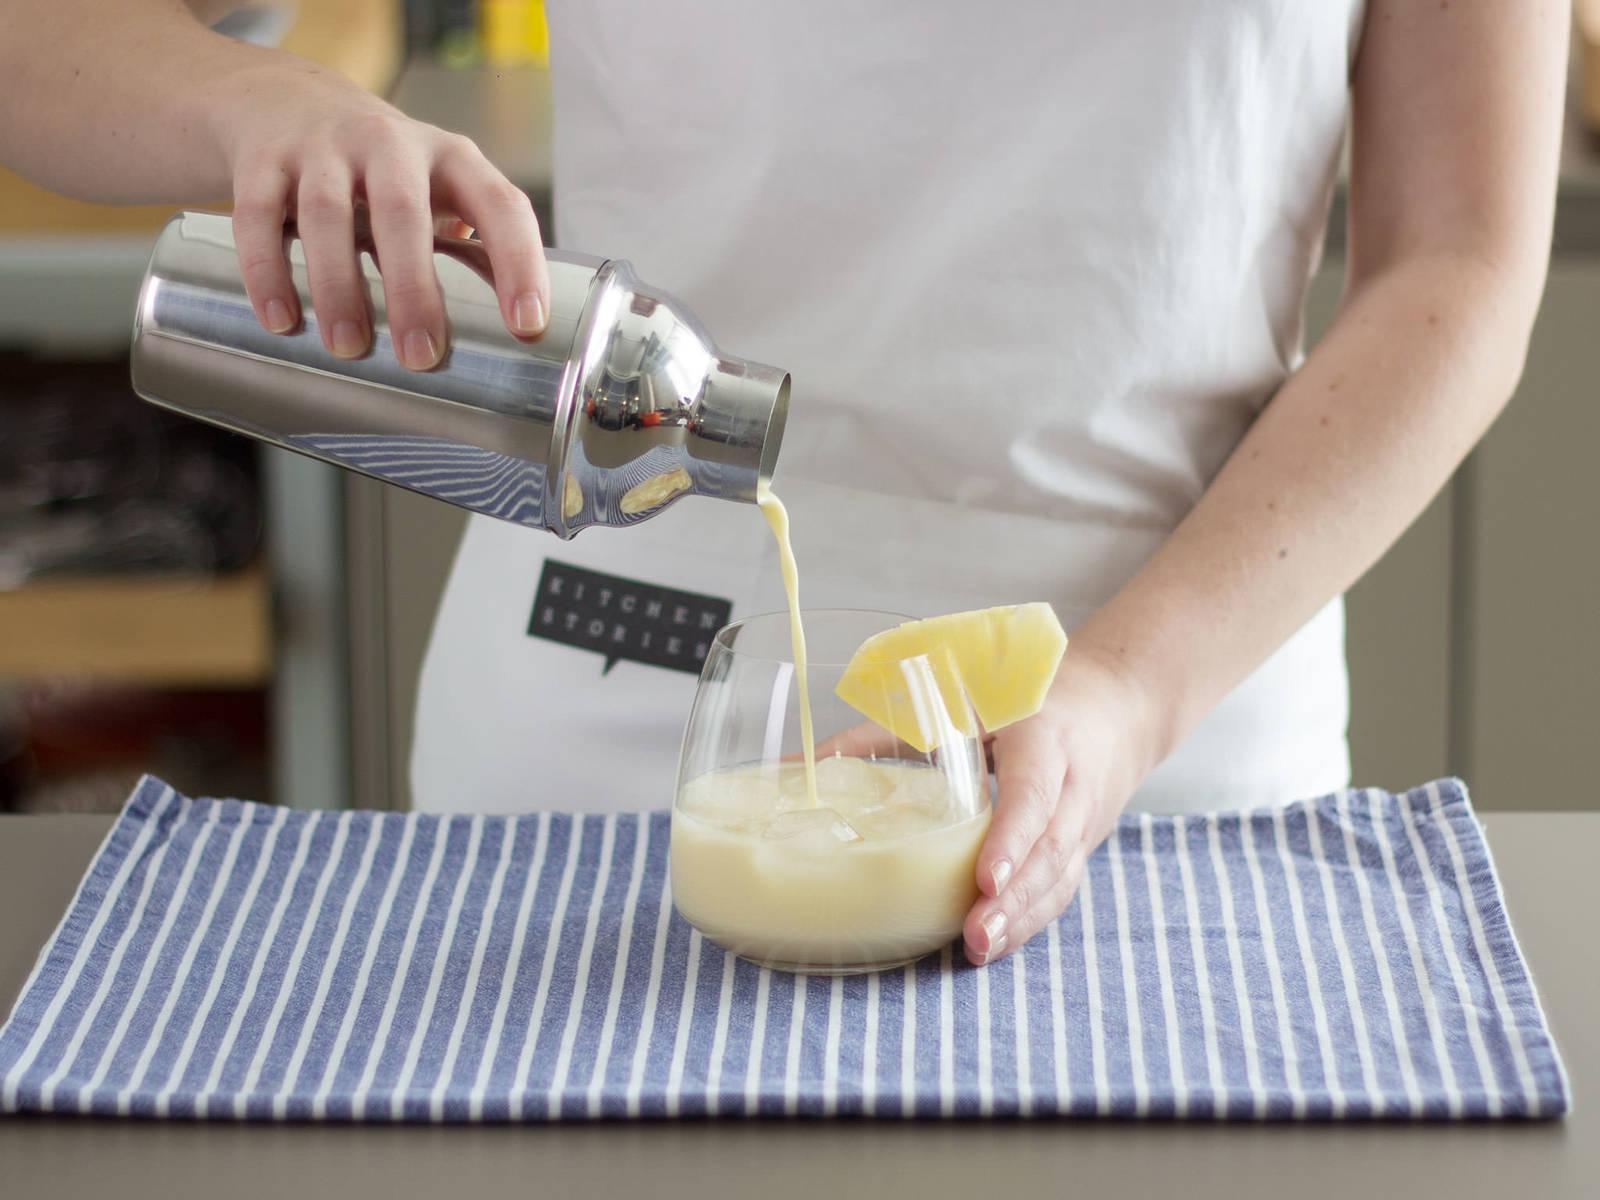 Die Mischung direkt ins Glas mit Eiswürfeln passieren und mit Ananasscheibe garnieren. Prost!